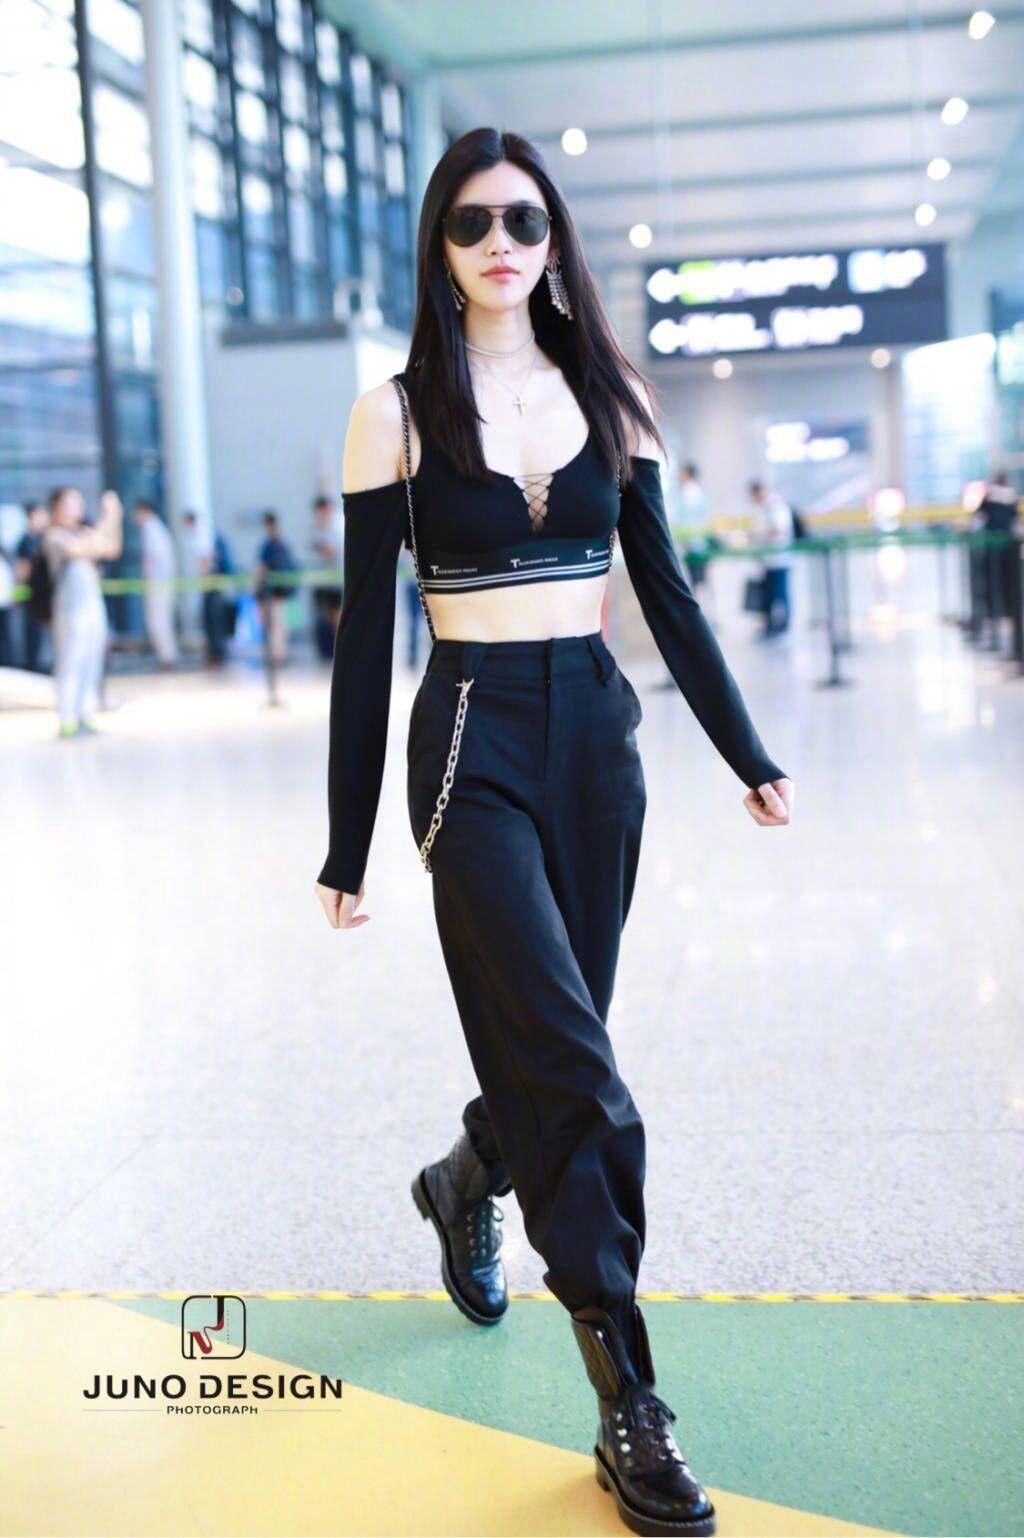 Diện áo croptop, body đẹp khó tin của siêu mẫu Ming Xi khiến dân tình phải tròn mắt trầm trồ - Ảnh 5.